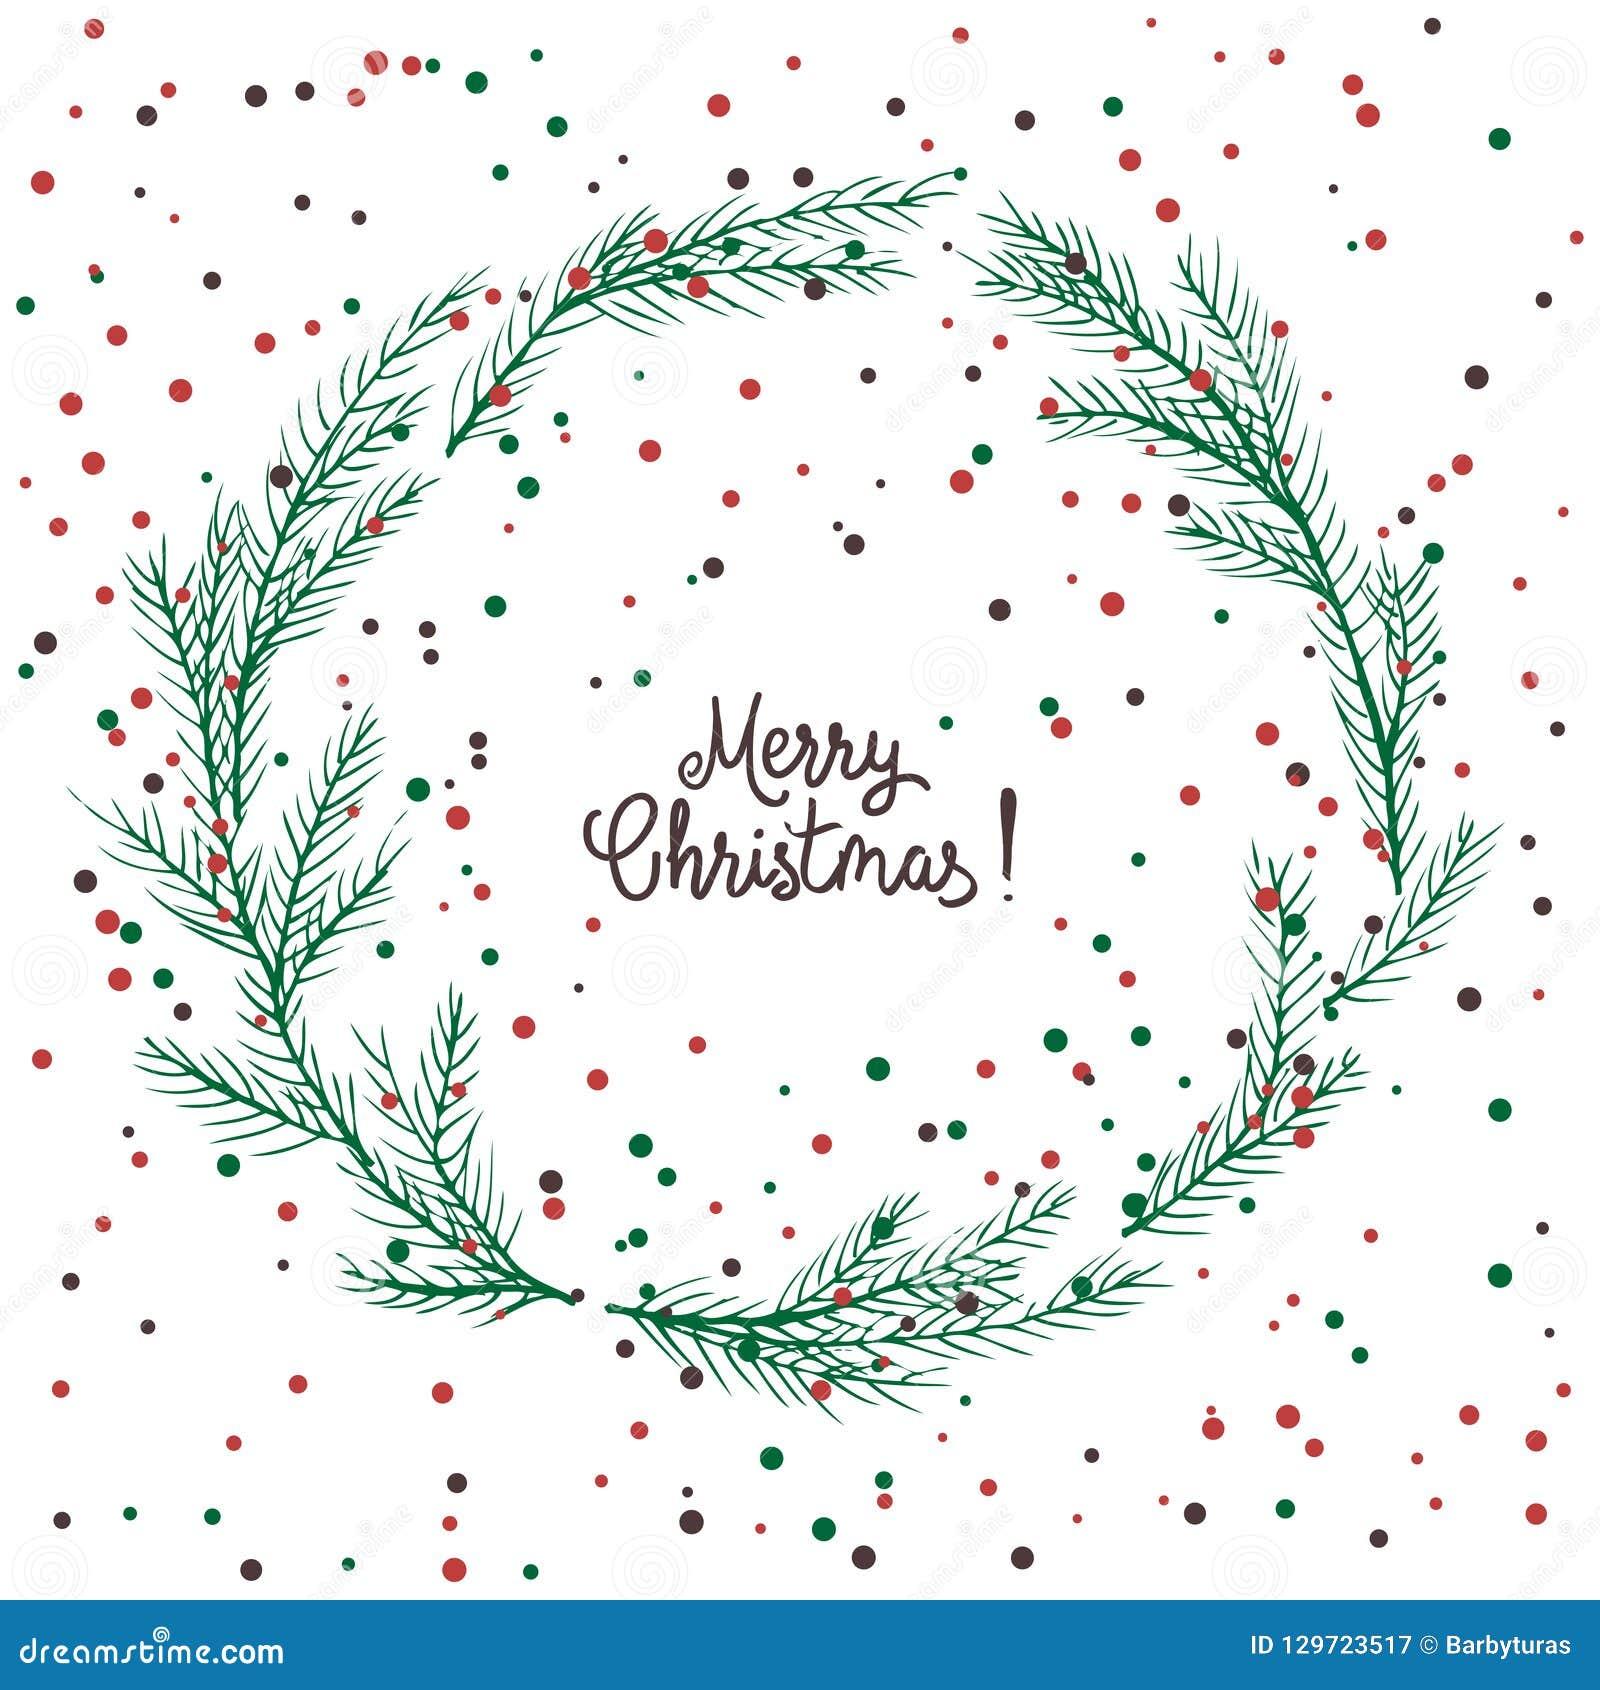 Vektorbild eines Weihnachtskranzes, ein Kranz der grünen Tanne Aufschrift der frohen Weihnachten in der Mitte Drei Weihnachtskuge